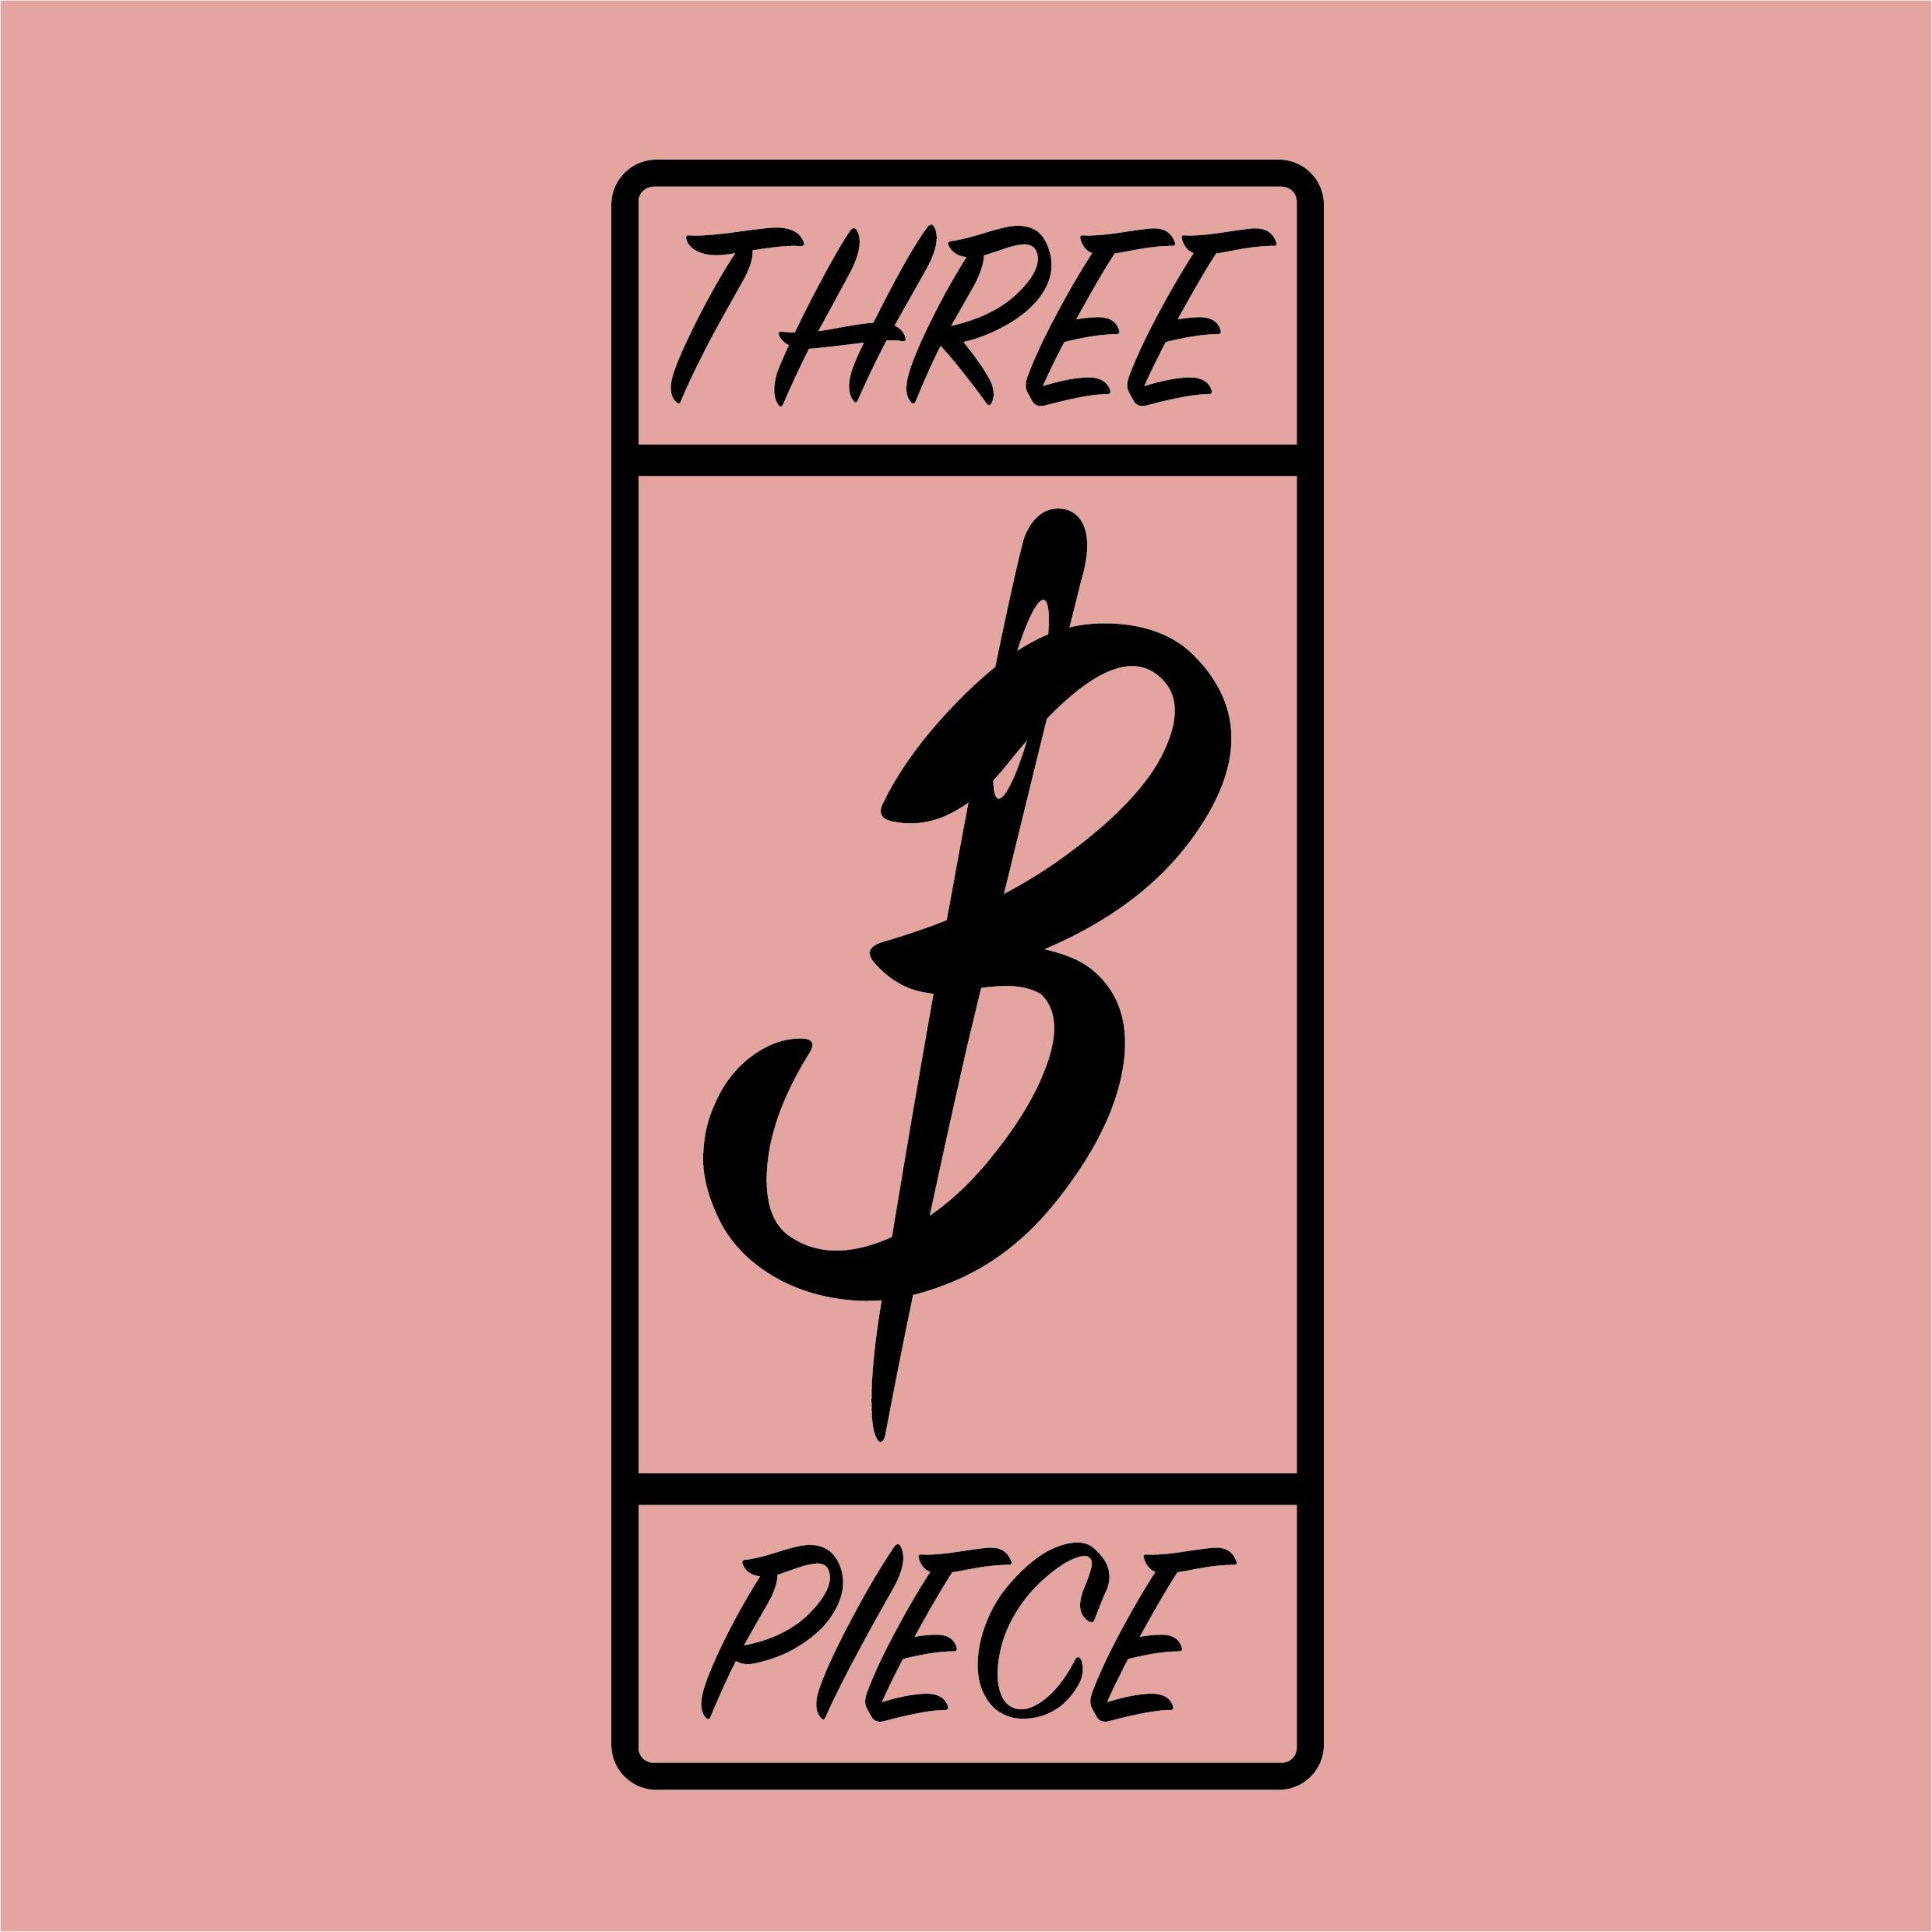 ThreePiece西服定制